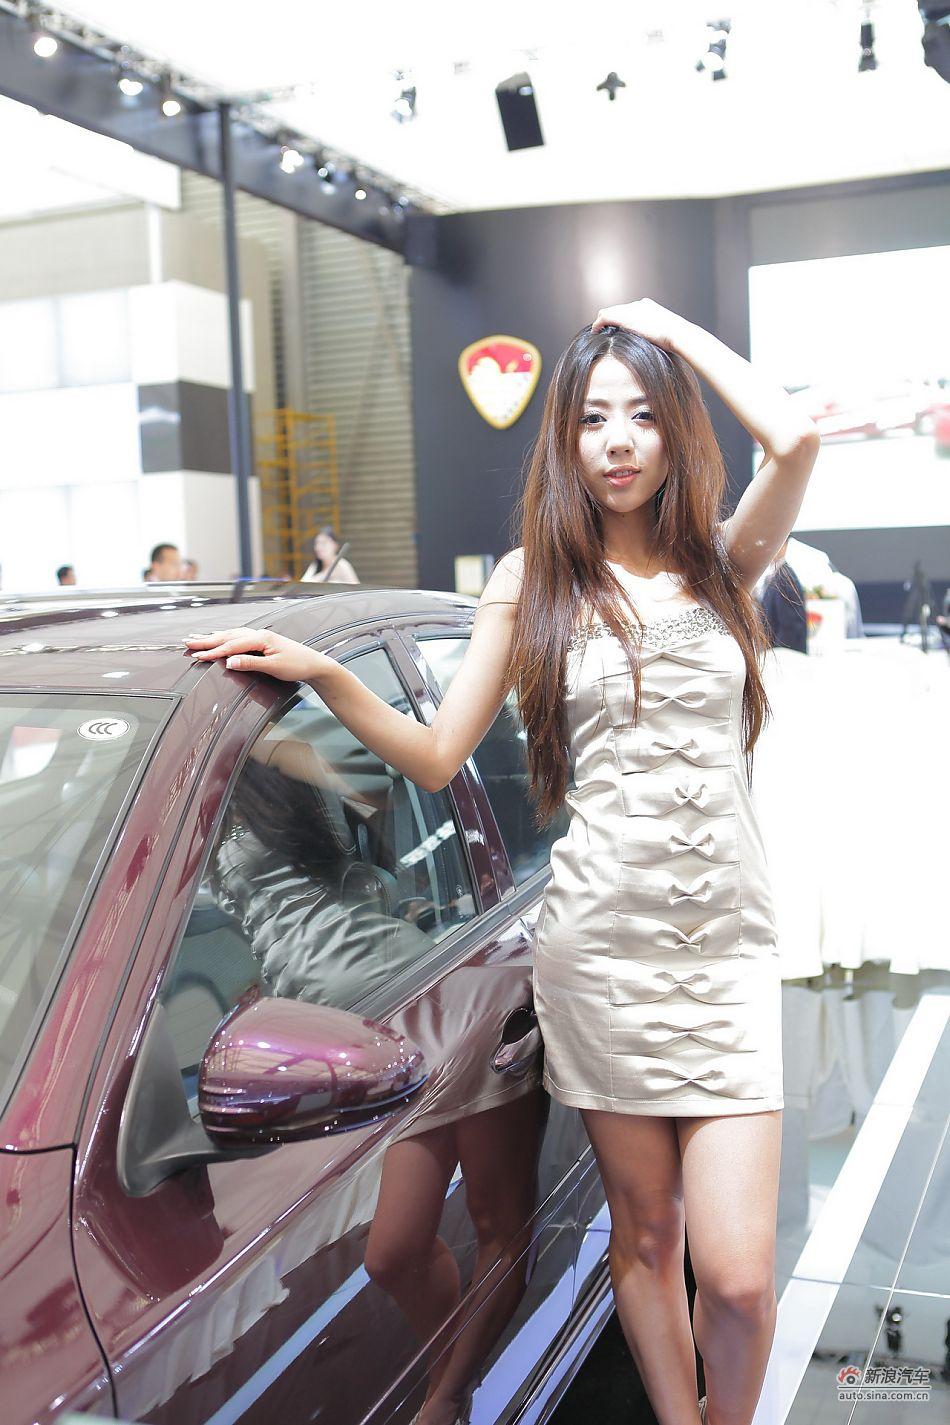 莲花汽车展台2号模特